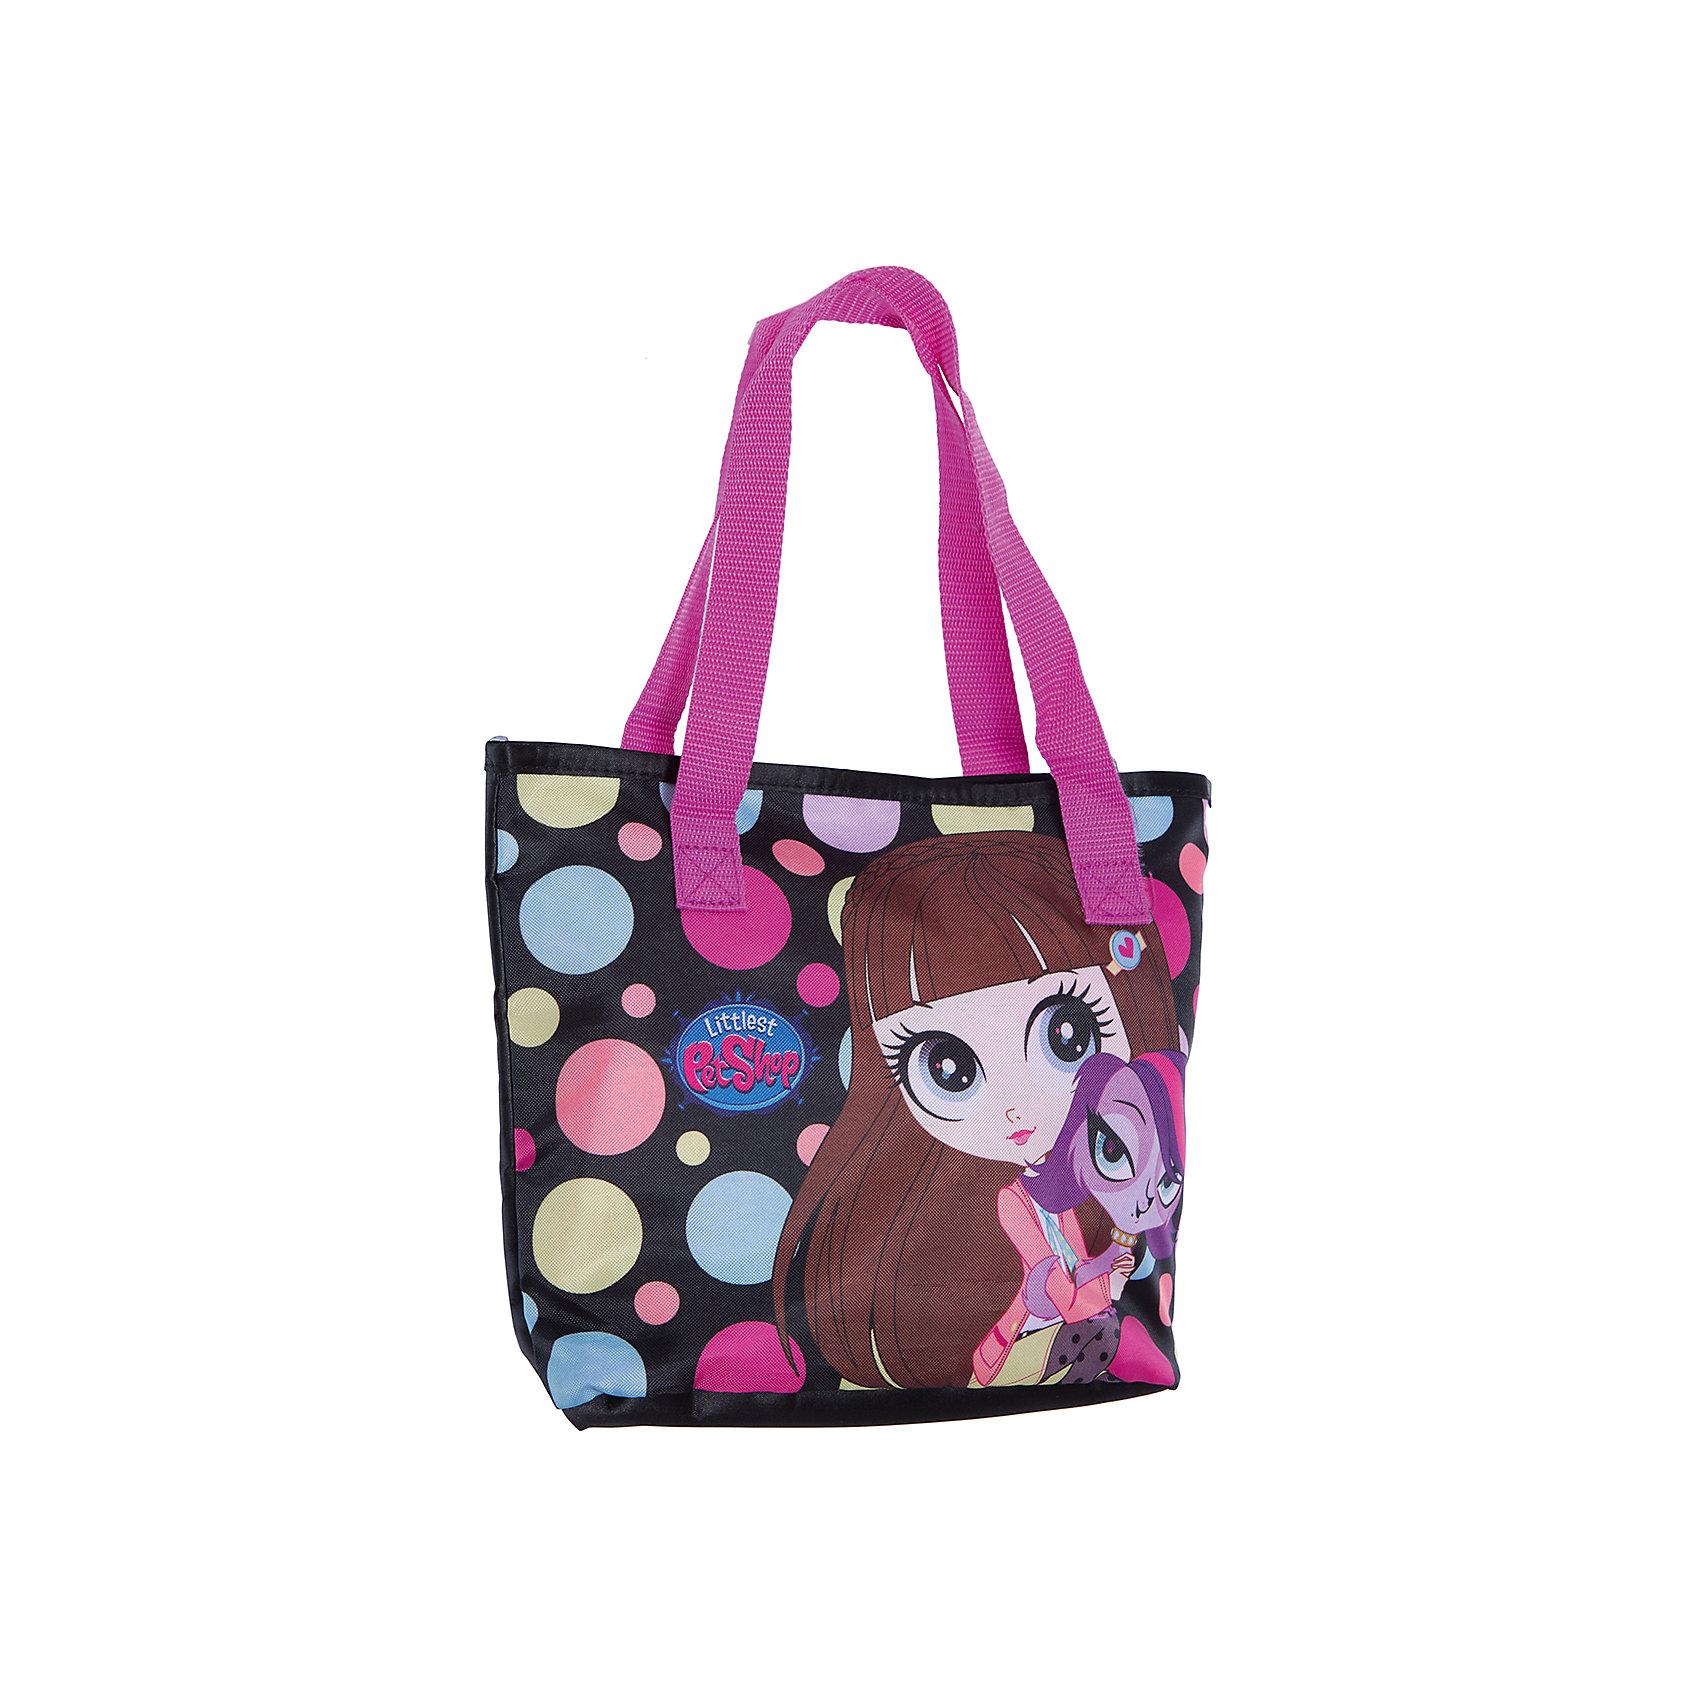 Сумочка 23*28*9,5 см, Littlest Pet ShopLittlest Pet Shop<br>Сумочка 23*28*9,5 см, Littlest Pet Shop – это стильная, яркая, вместительная, очень легкая и прочная сумка.<br>Стильная детская сумочка с изображением любимых героев из мультфильма Маленький зоомагазин, несомненно, понравится Вашей девочке. С ней можно отправиться на прогулку и взять с собой все самое необходимое. Сумка с двумя ручками имеет одно отделение, закрывается на липучку. Модель выполнена из плотного и износостойкого полиэстера.<br><br>Дополнительная информация:<br><br>- Размер: 23 х 28 х 9,5 см.<br>- Цвет: черный, голубой, розовый, желтый<br>- Материал: полиэстер<br>- Вес: 80 гр.<br><br>Сумочку 23*28*9,5 см, Littlest Pet Shop можно купить в нашем интернет-магазине.<br><br>Ширина мм: 95<br>Глубина мм: 280<br>Высота мм: 230<br>Вес г: 80<br>Возраст от месяцев: 48<br>Возраст до месяцев: 84<br>Пол: Женский<br>Возраст: Детский<br>SKU: 4489553